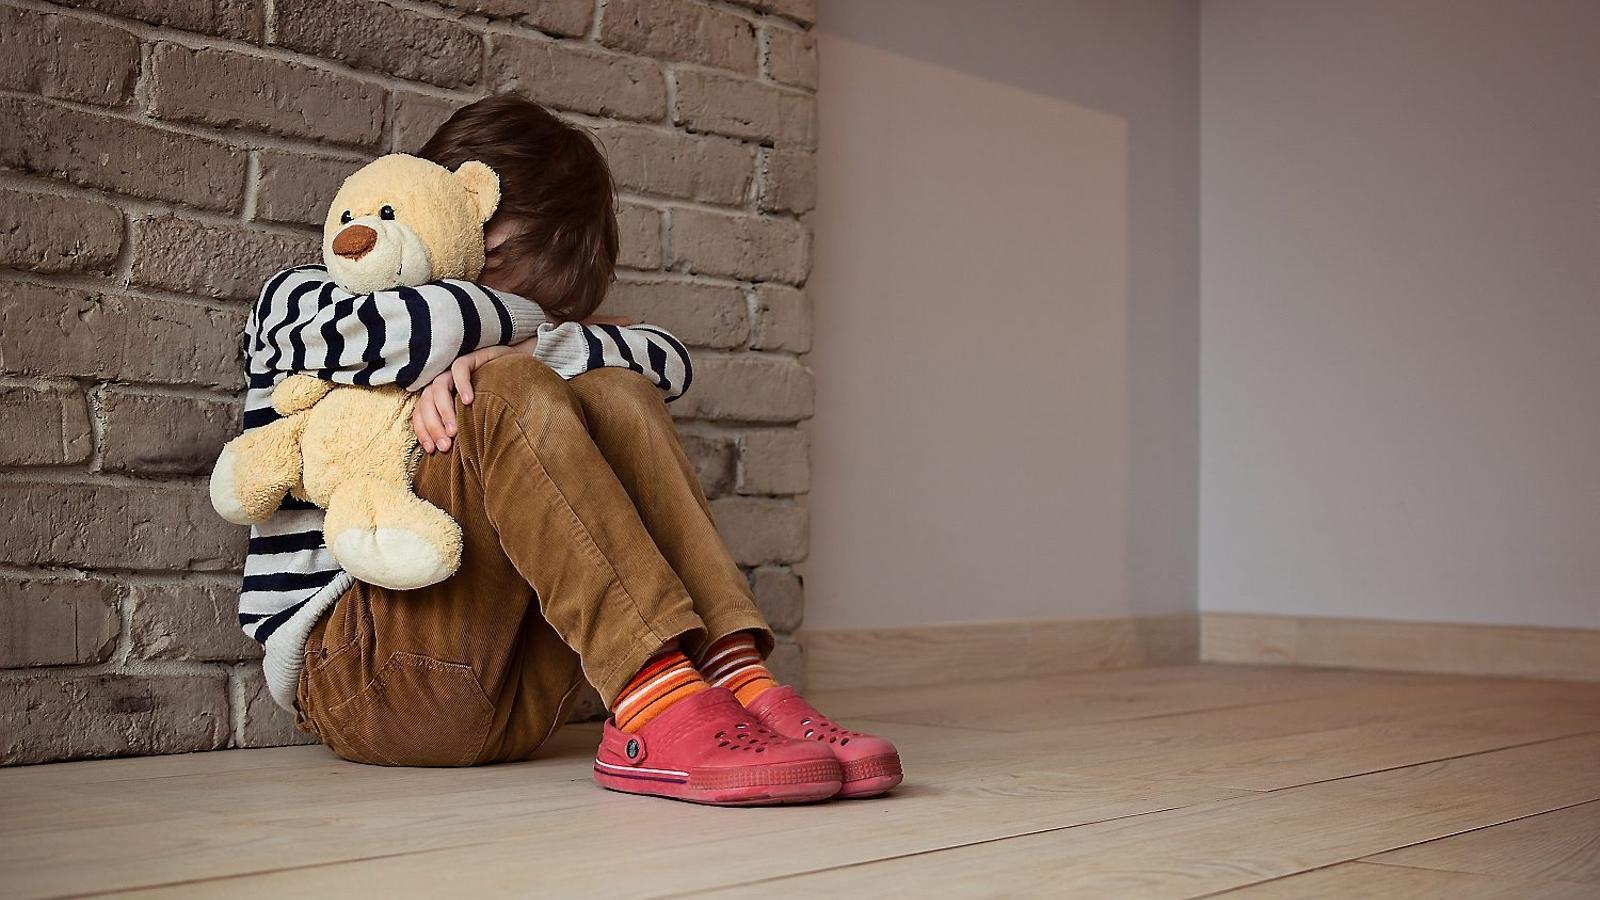 El 12,5% dels pares admeten haver pegat als fills durant el confinament